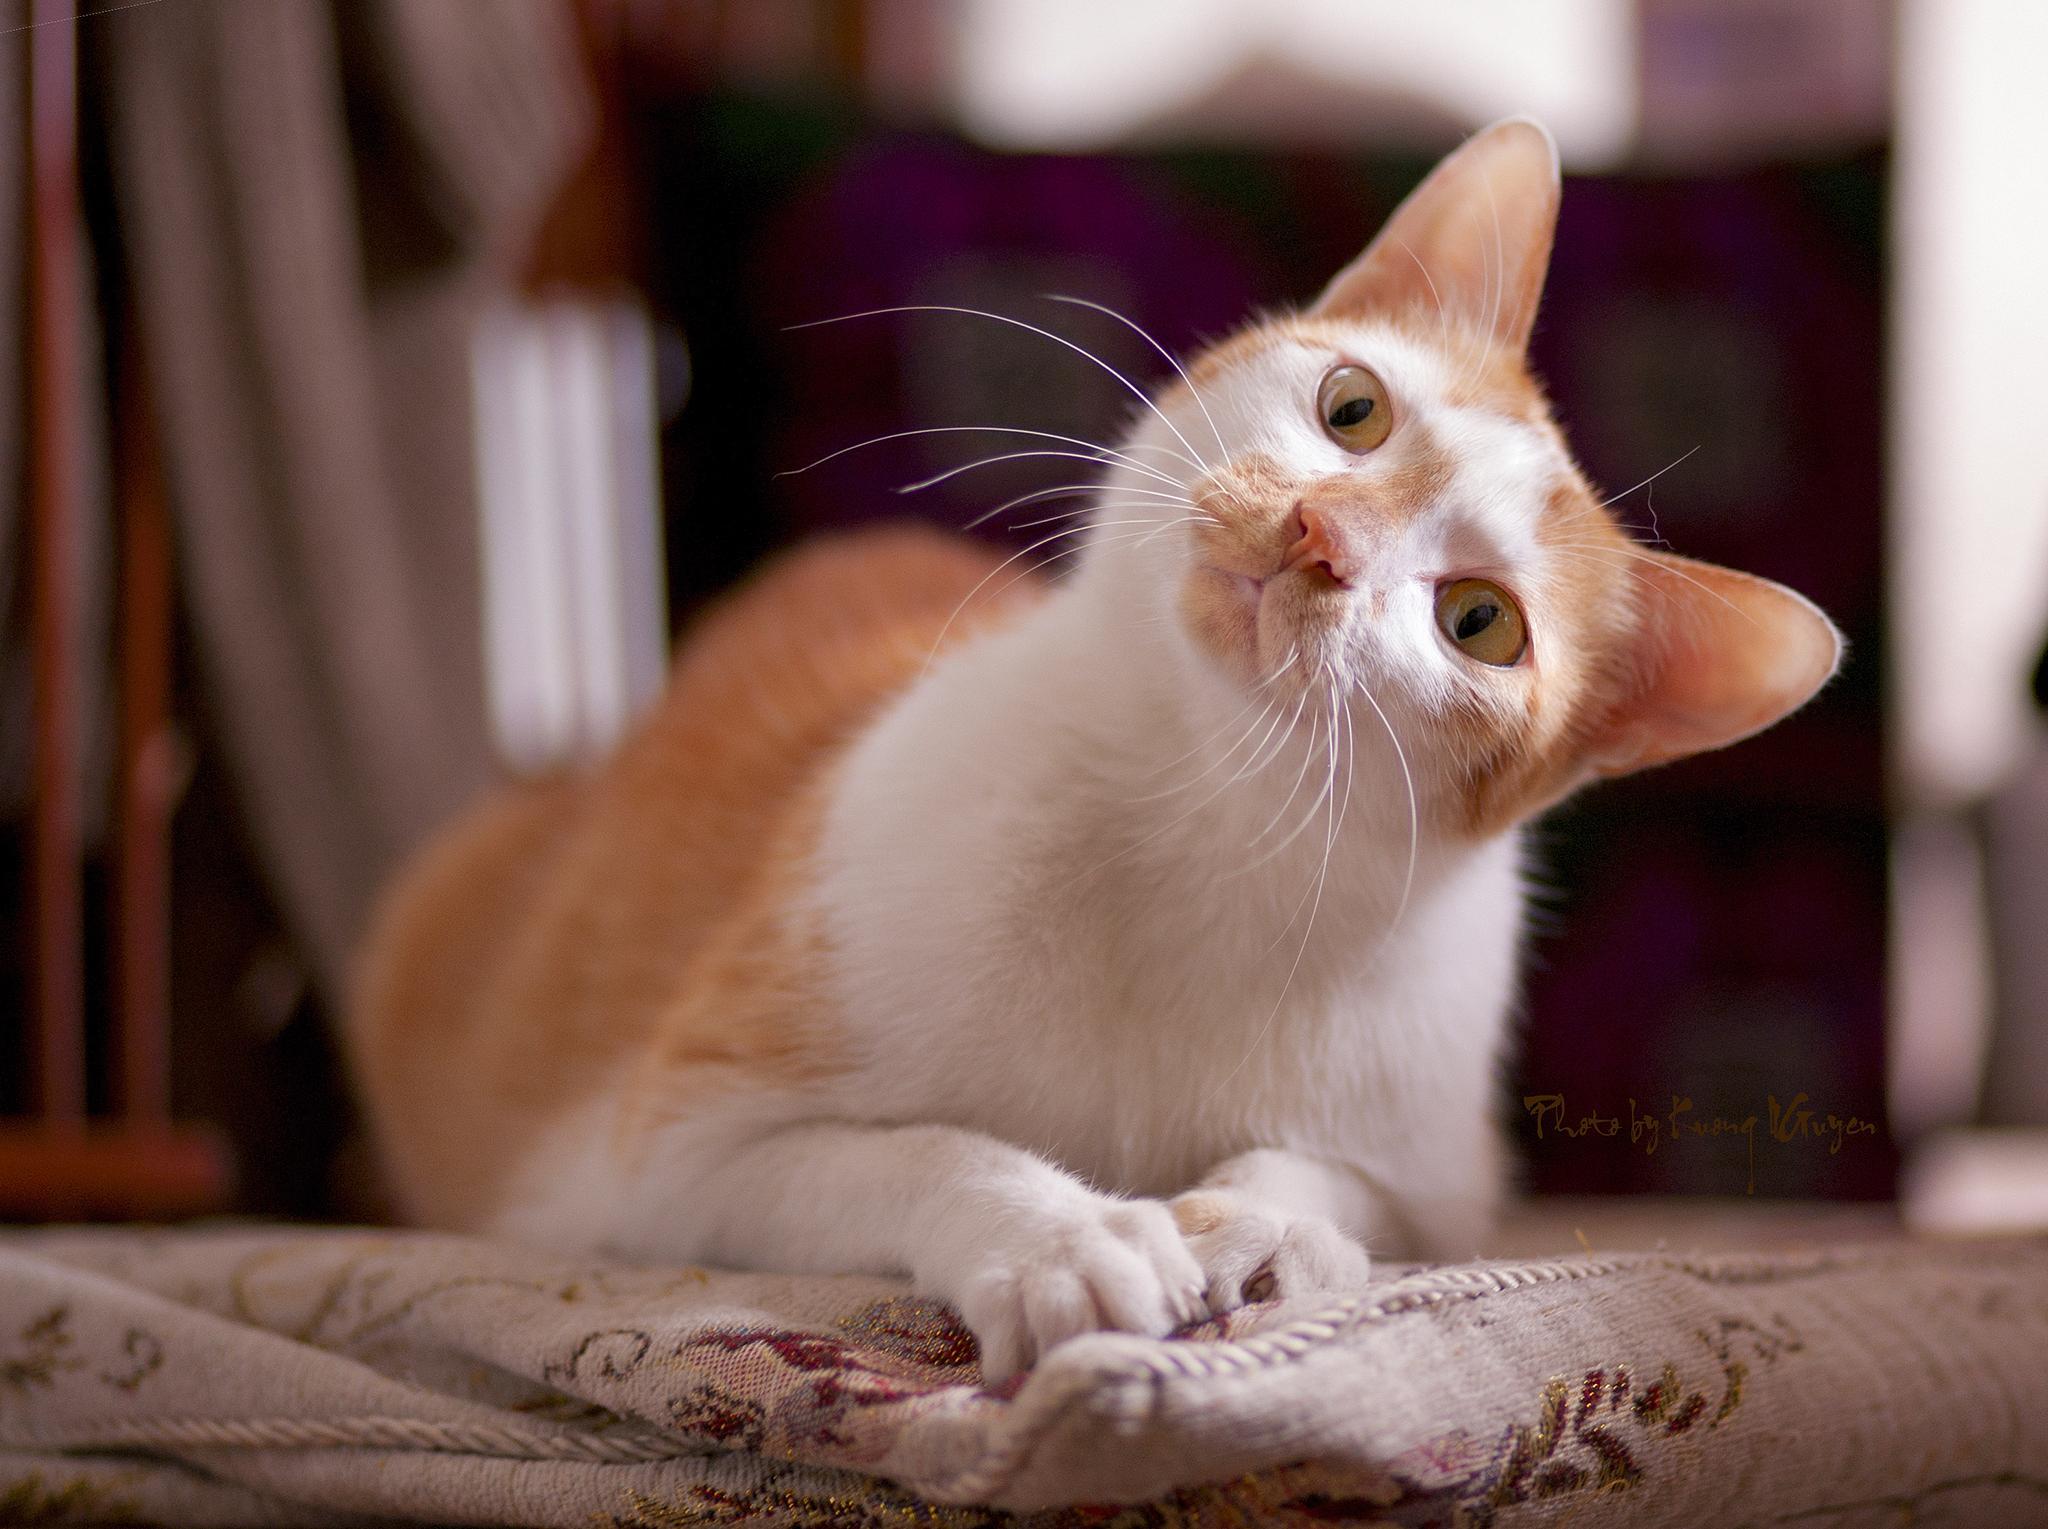 My pet by Kuong  Nguyen